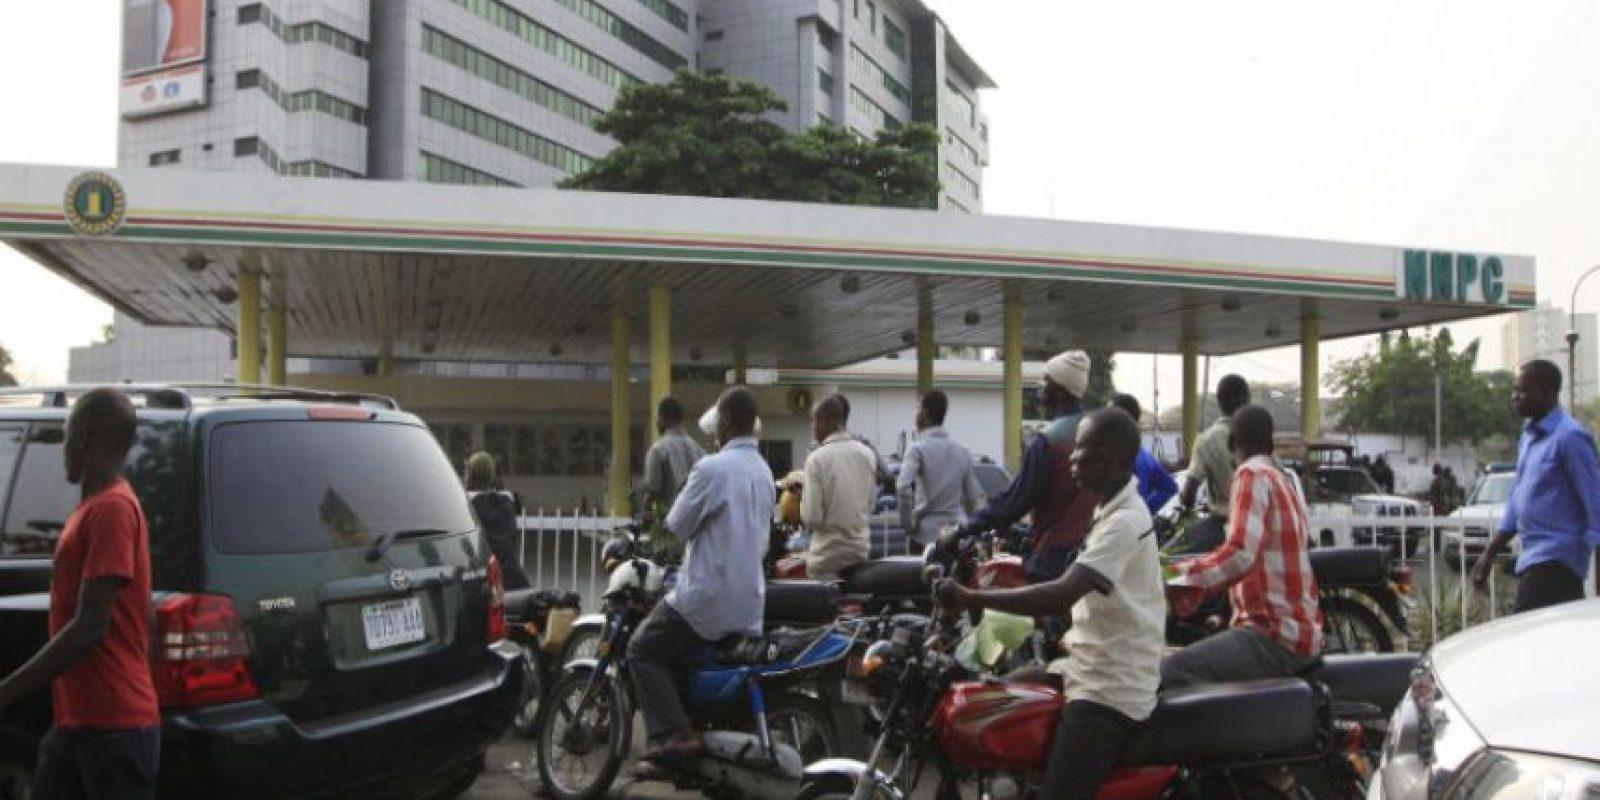 Un camión cisterna de gasolina fuera de control estalló en una estación de autobuses, dejando al menos 69 personas muertas. Foto:AP